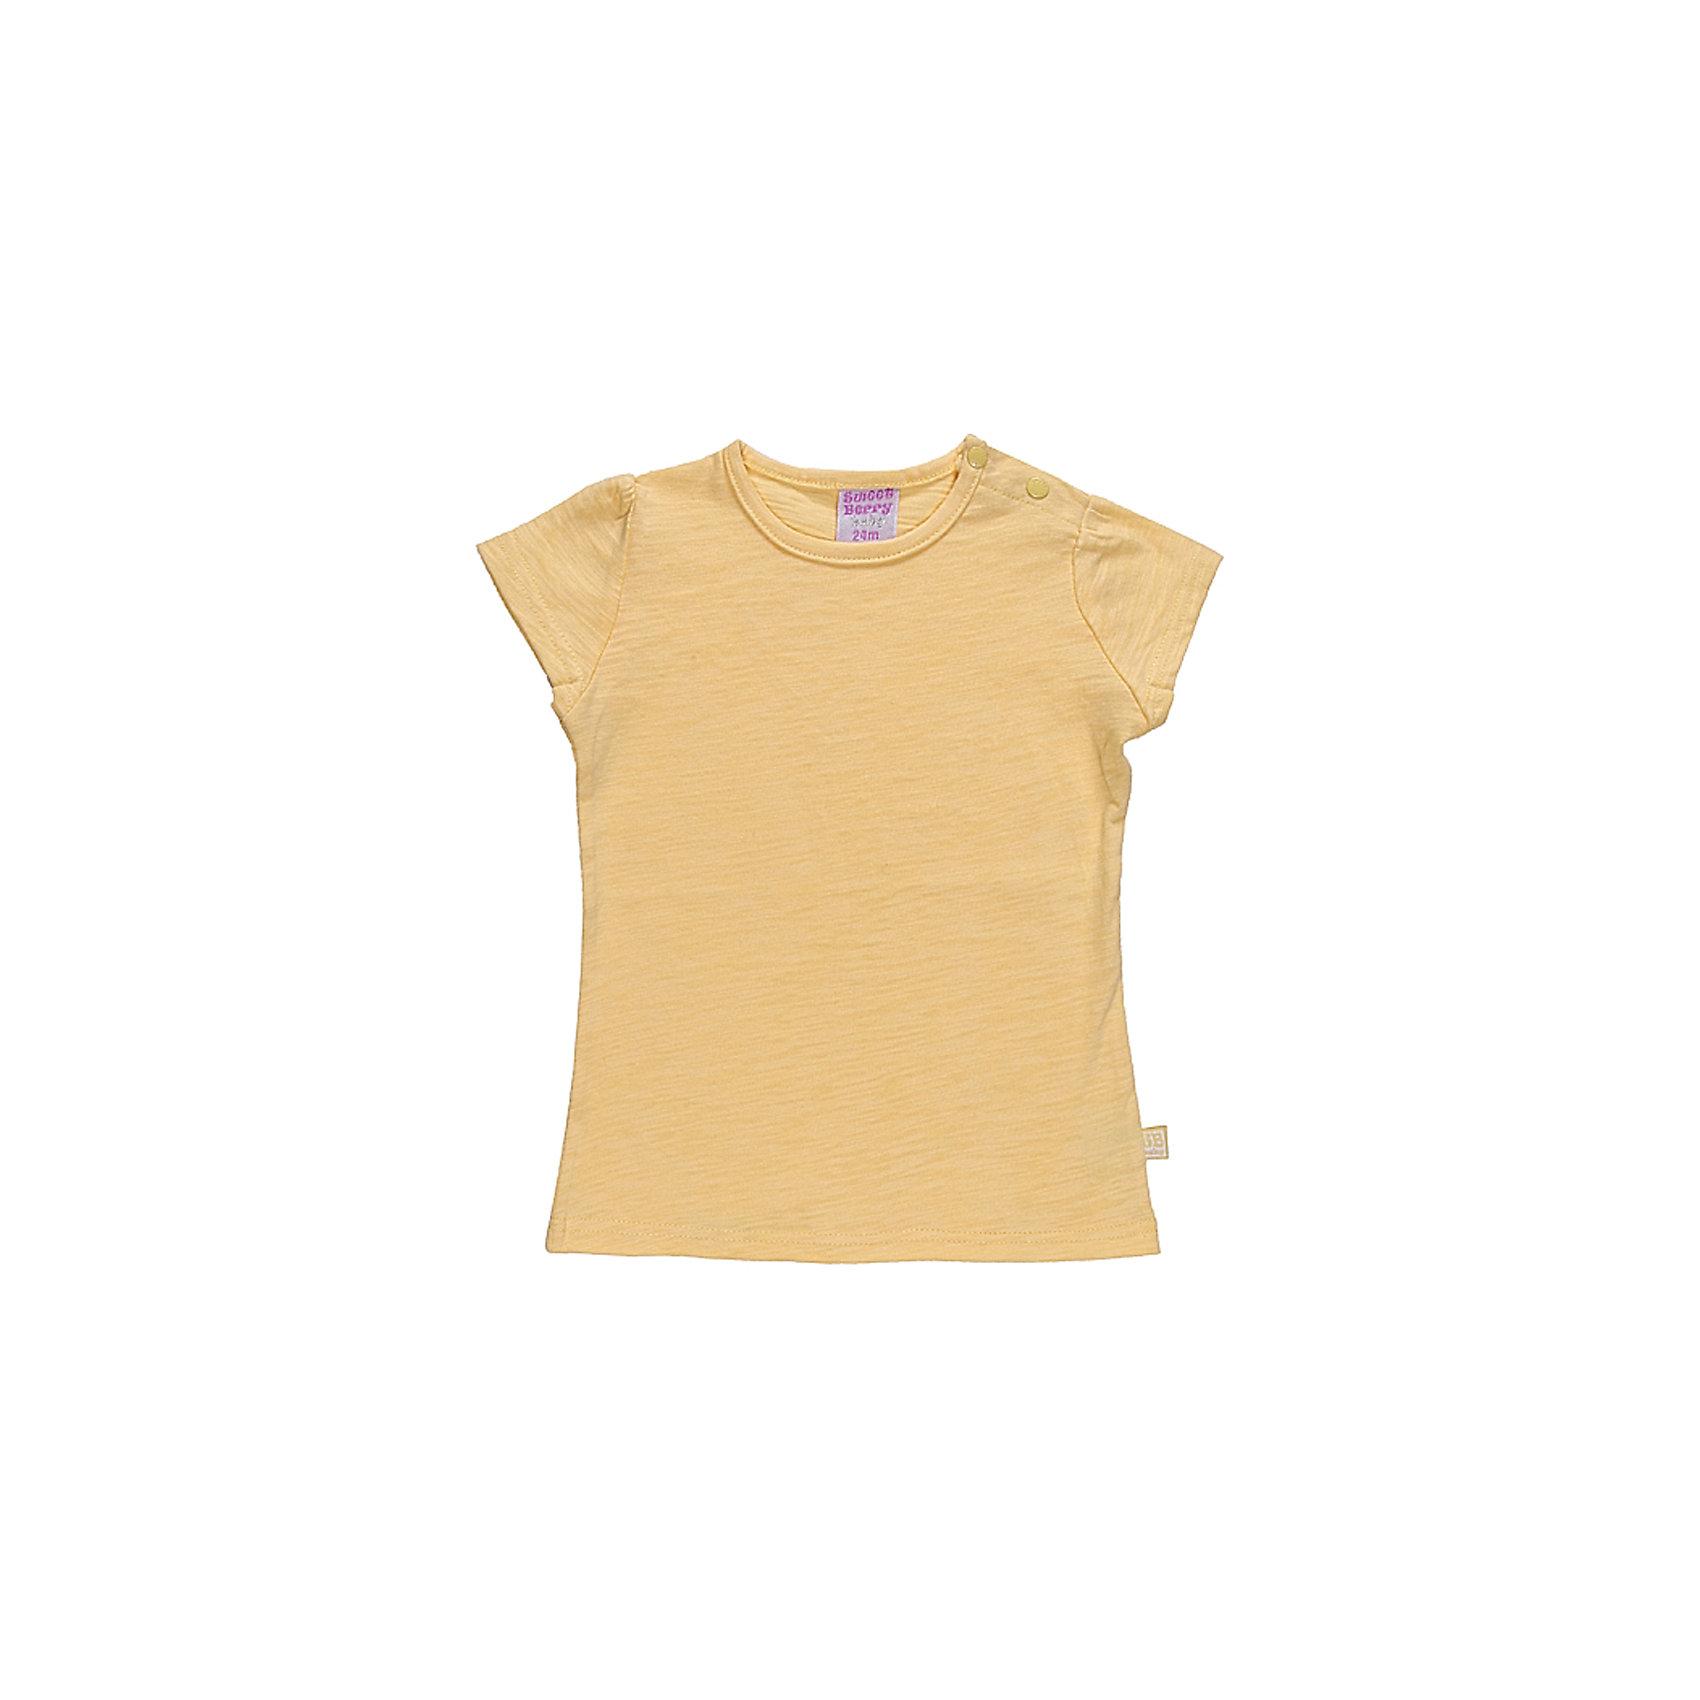 Футболка для девочки Sweet BerryБазовая футболка из эластичного трикотажа. Футболка приталенного силуэта.По рукаву сборка.<br>Состав:<br>100% хлопок<br><br>Ширина мм: 199<br>Глубина мм: 10<br>Высота мм: 161<br>Вес г: 151<br>Цвет: желтый<br>Возраст от месяцев: 9<br>Возраст до месяцев: 12<br>Пол: Женский<br>Возраст: Детский<br>Размер: 80,86,92,98<br>SKU: 4520621